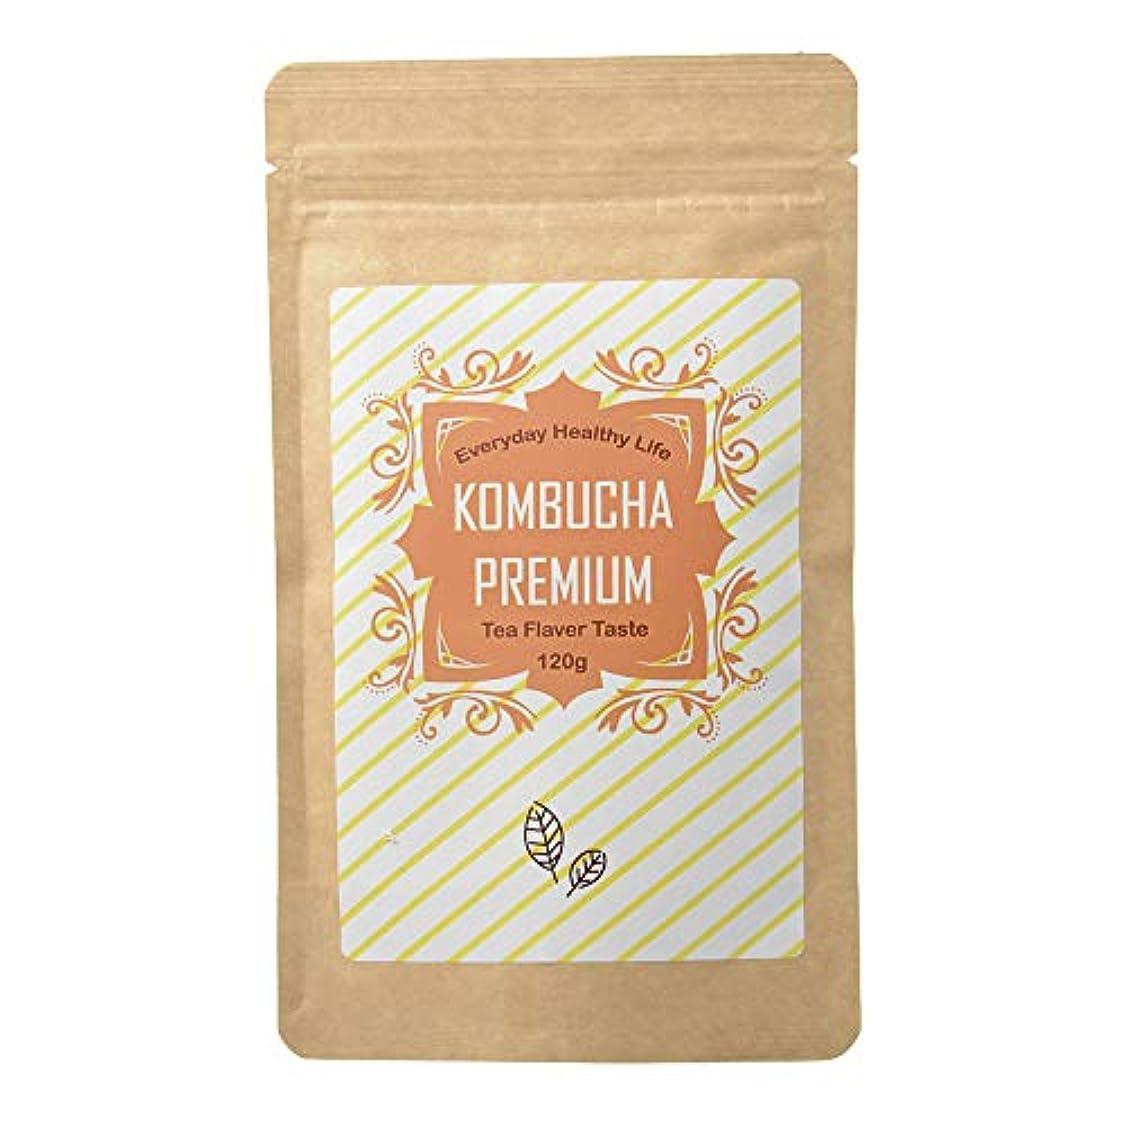 バングラデシュ才能予想外コンブチャプレミアム (KOMBUCHA PREMIUM) ストレートティー味 日本製 粉末 飲料 [内容量120g /説明書付き]